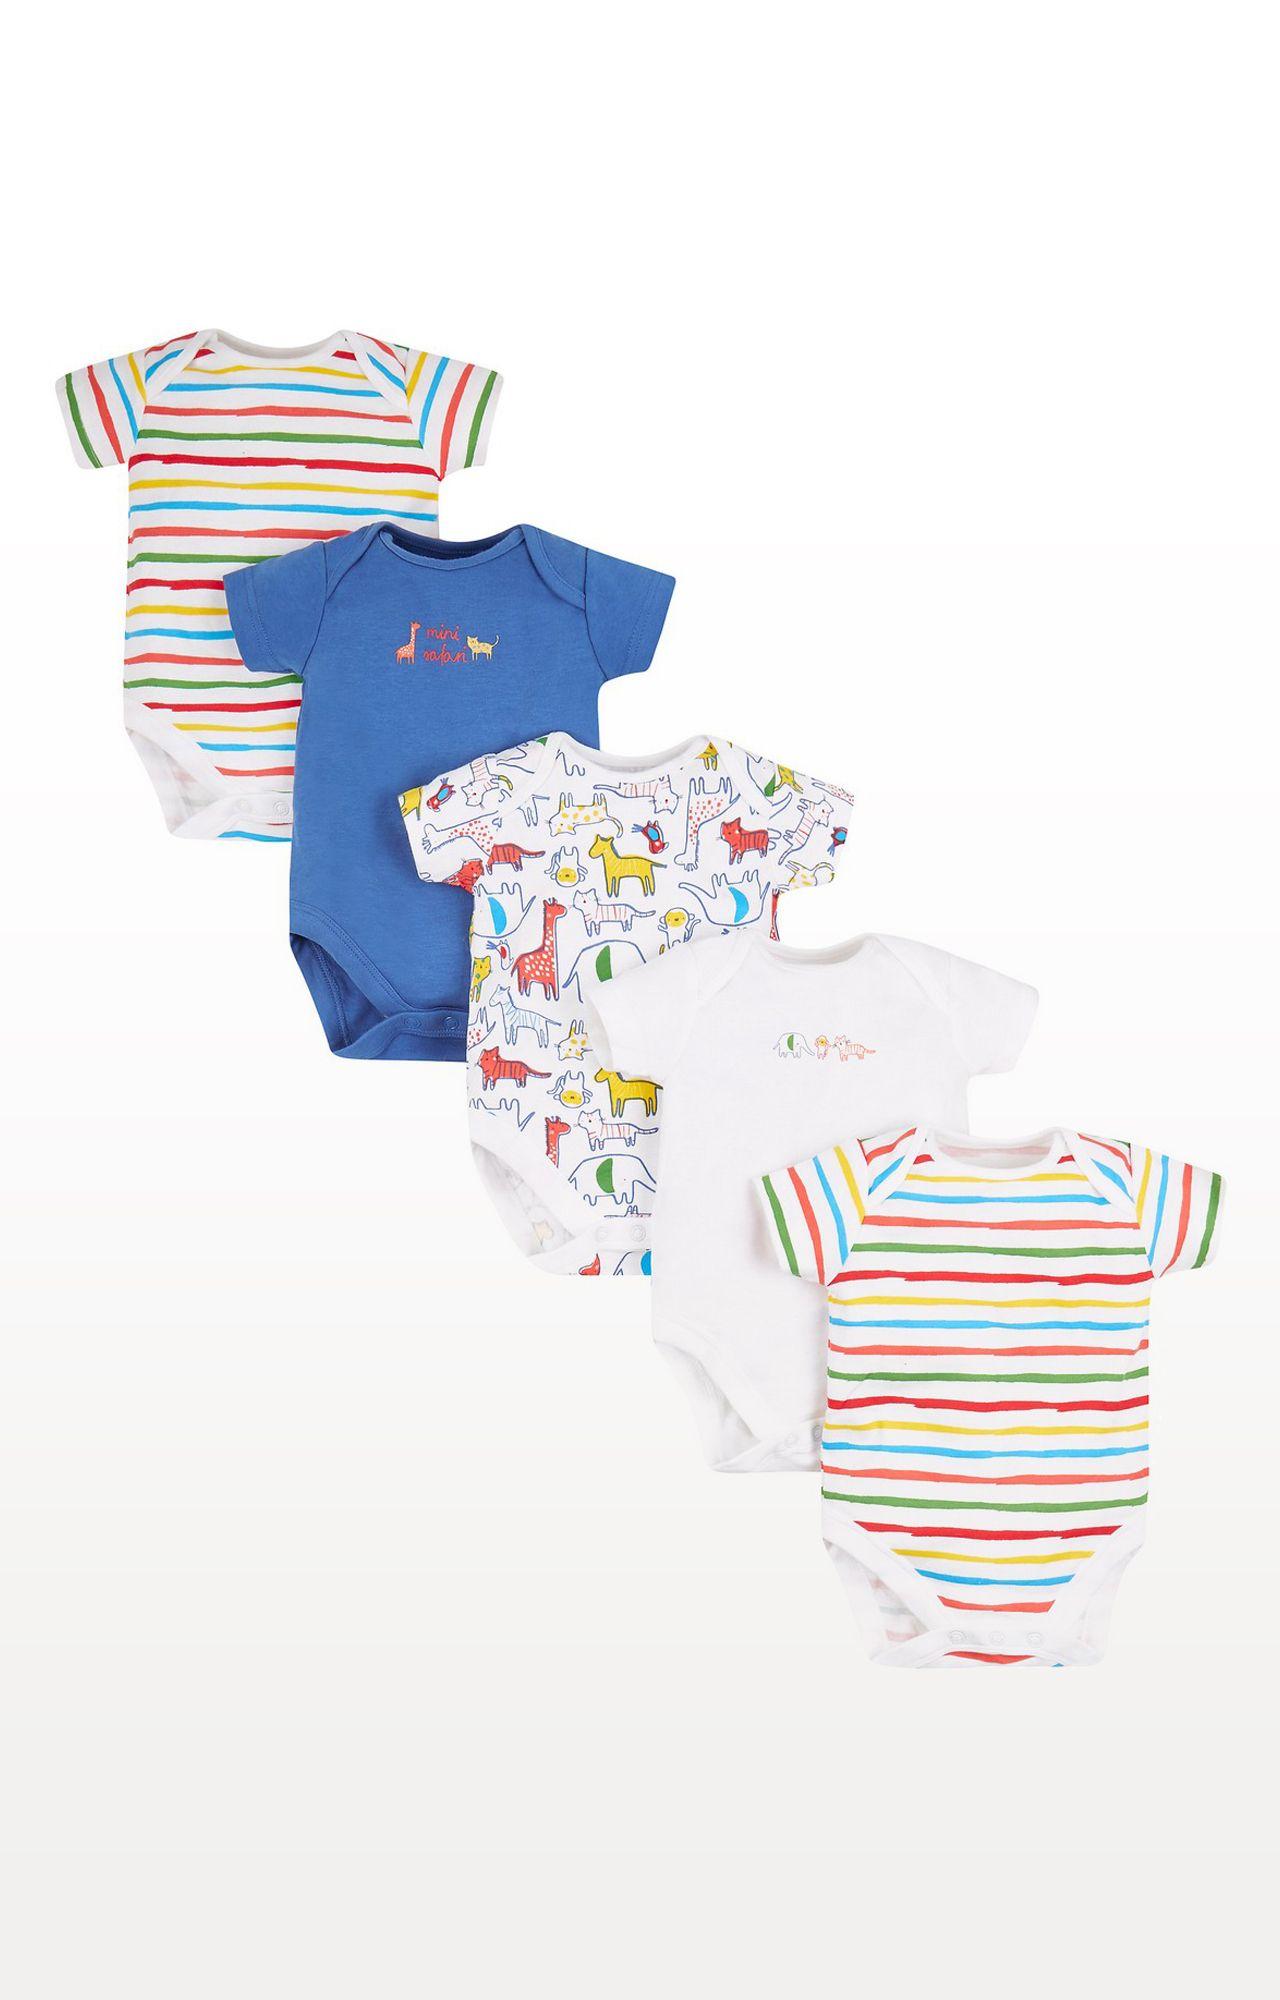 Mothercare | Orange Printed Safari Bodysuits - Pack of 5